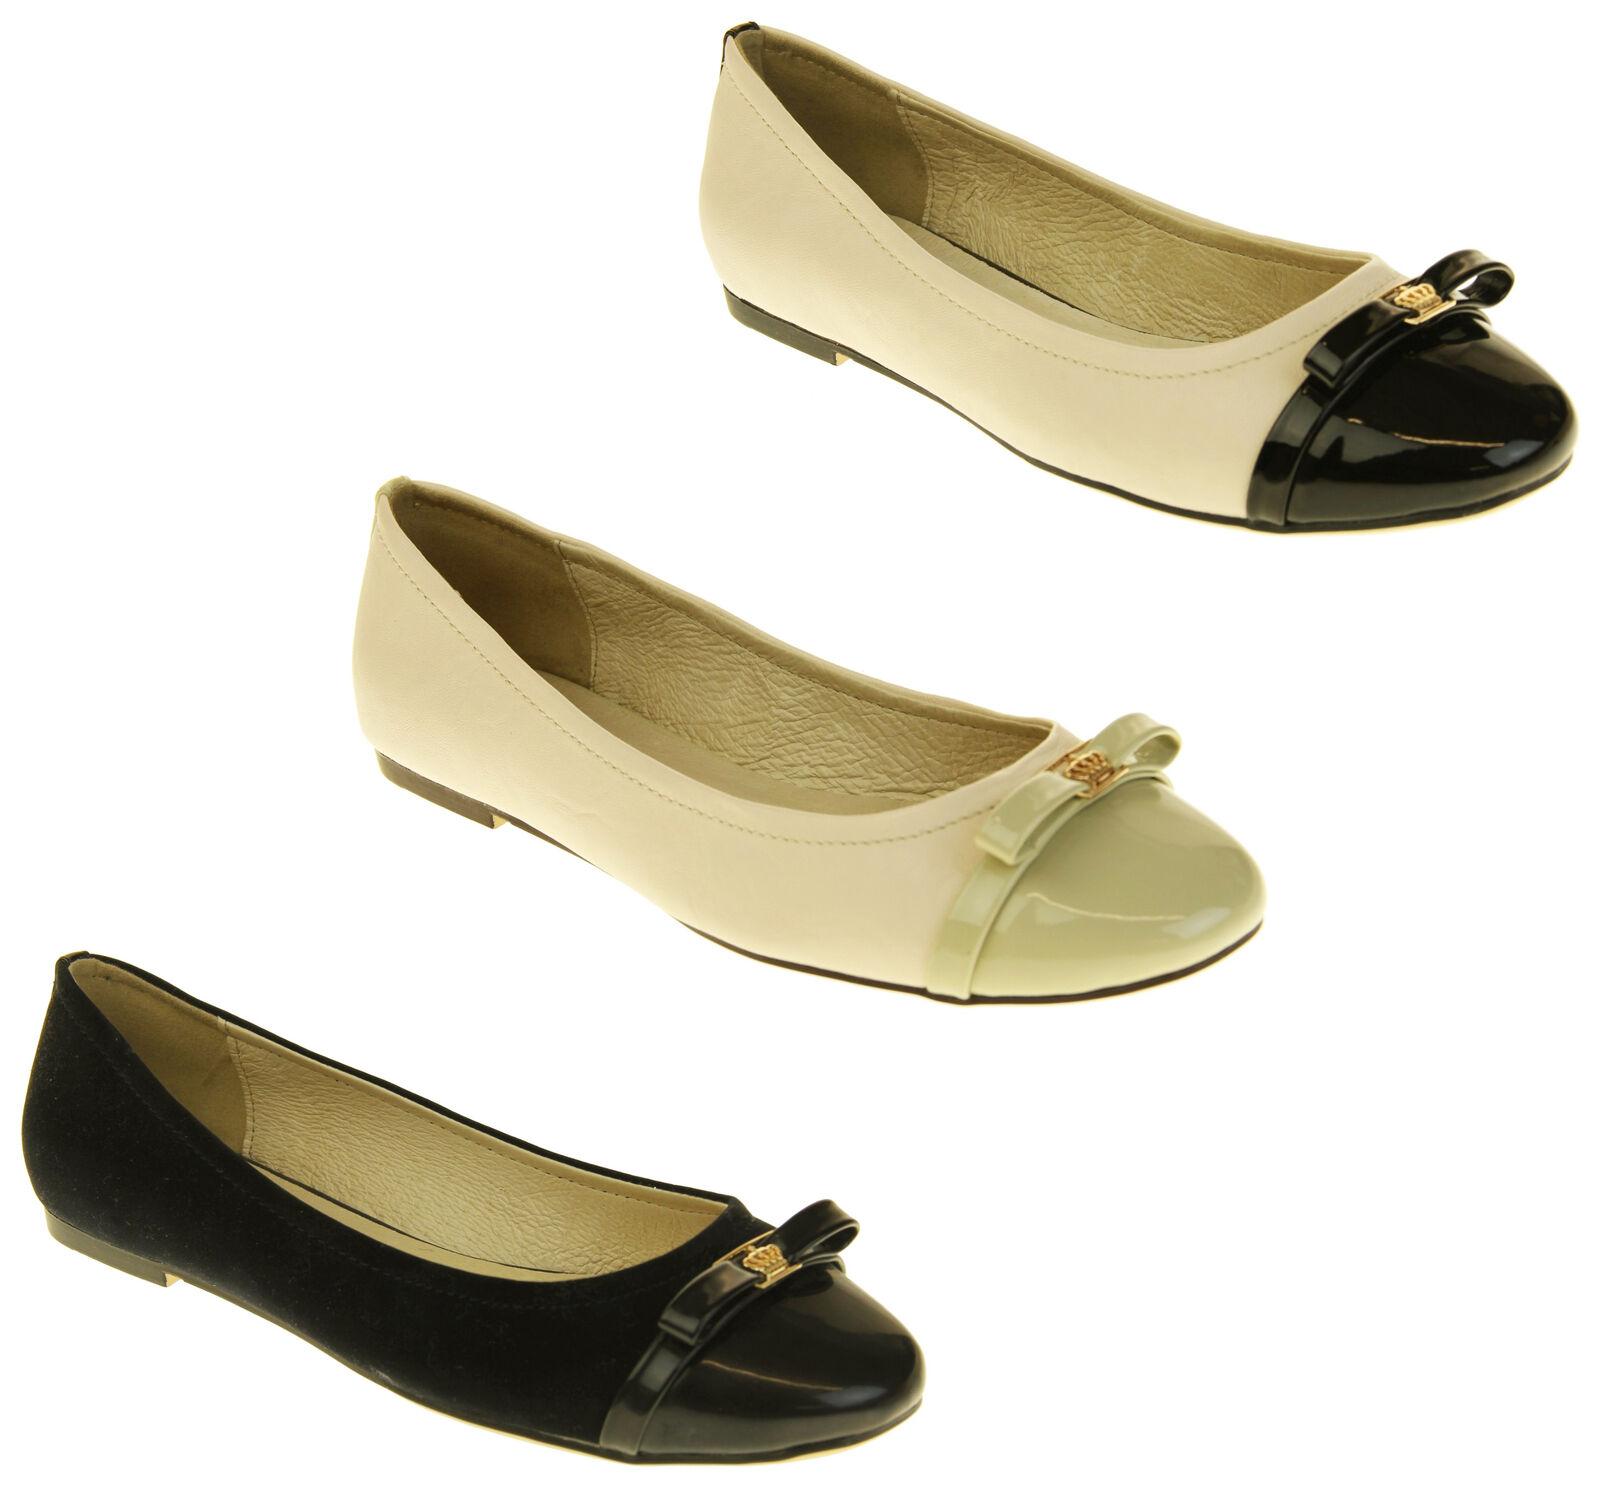 Womens Keddo Leather Slip On Ballet Ballerina Loafers Size 3 4 5 6 7 8